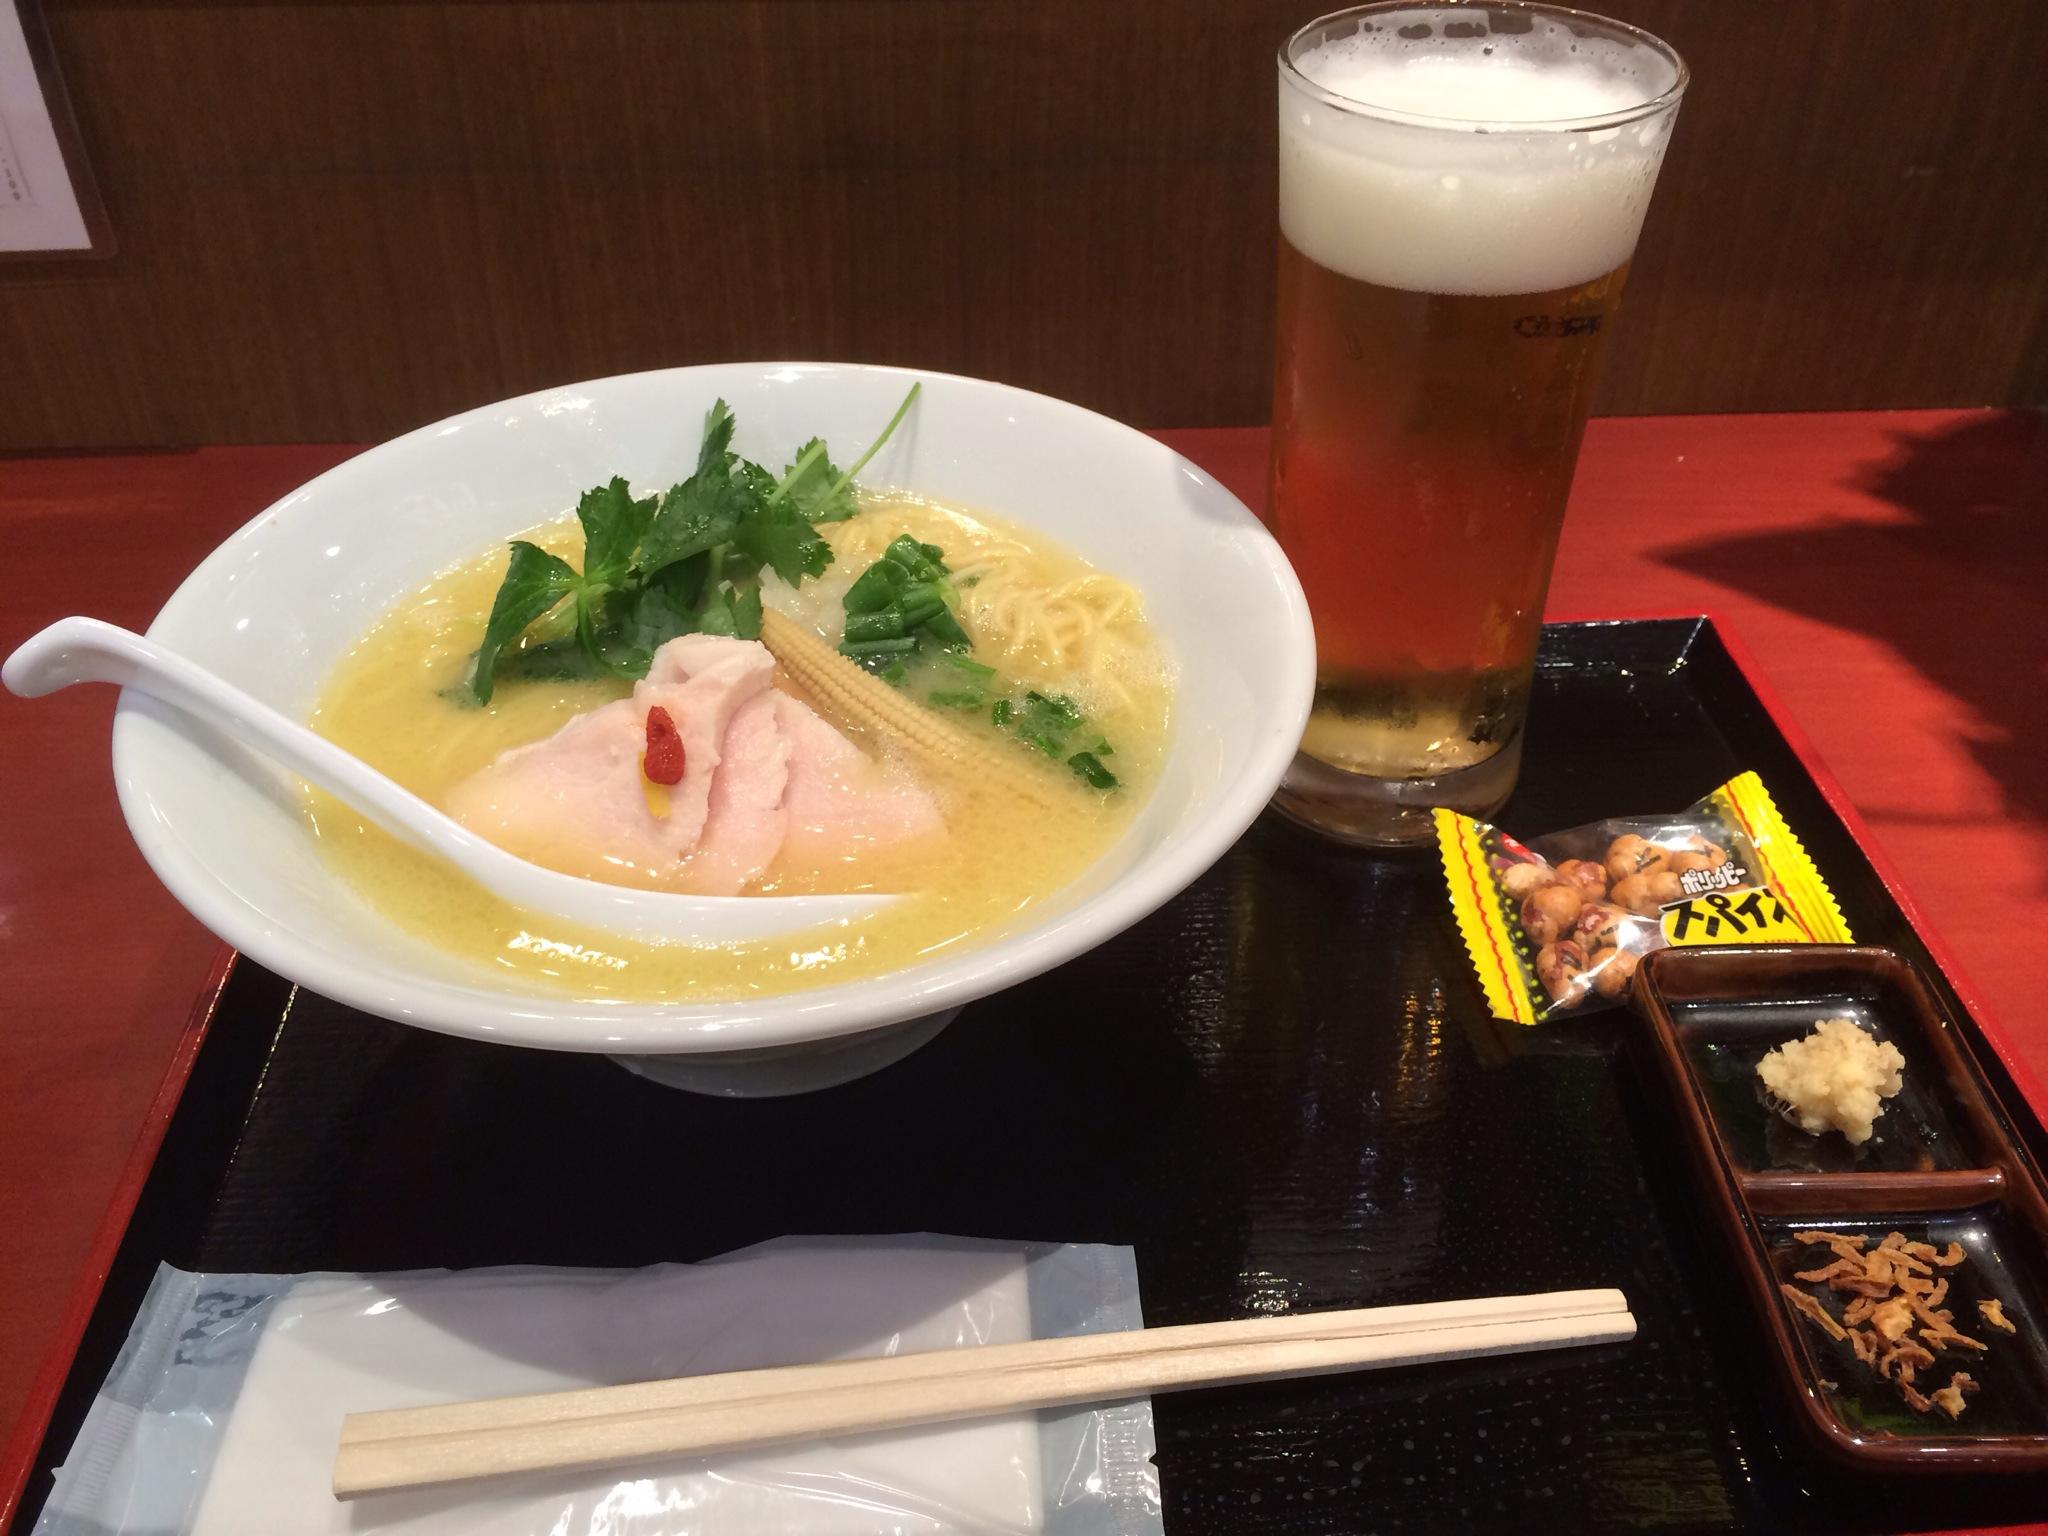 銀座 篝 ラゾーナ川崎店!鶏白湯SOBA!!!とビール!